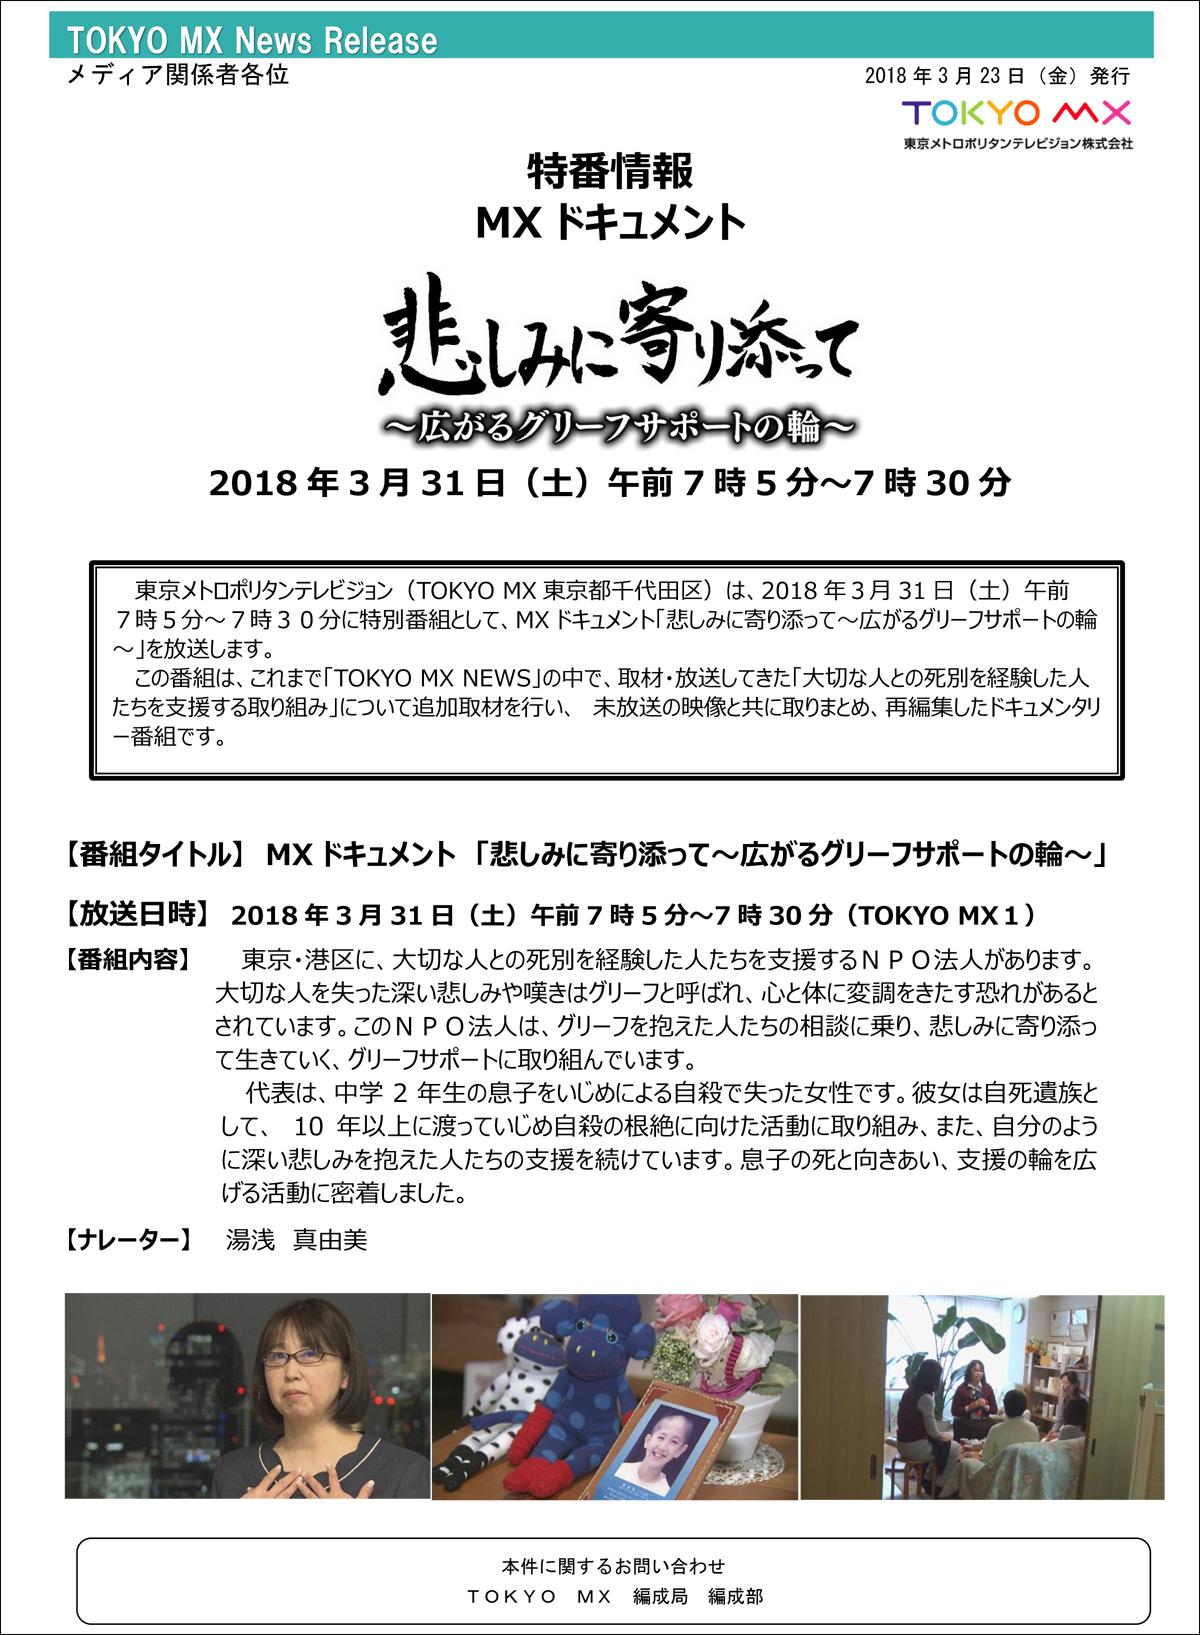 入江杏:TOKYO MX、2018年3月31日MX ドキュメント「悲しみに寄り添って~広がるグリーフサポートの輪~」放送